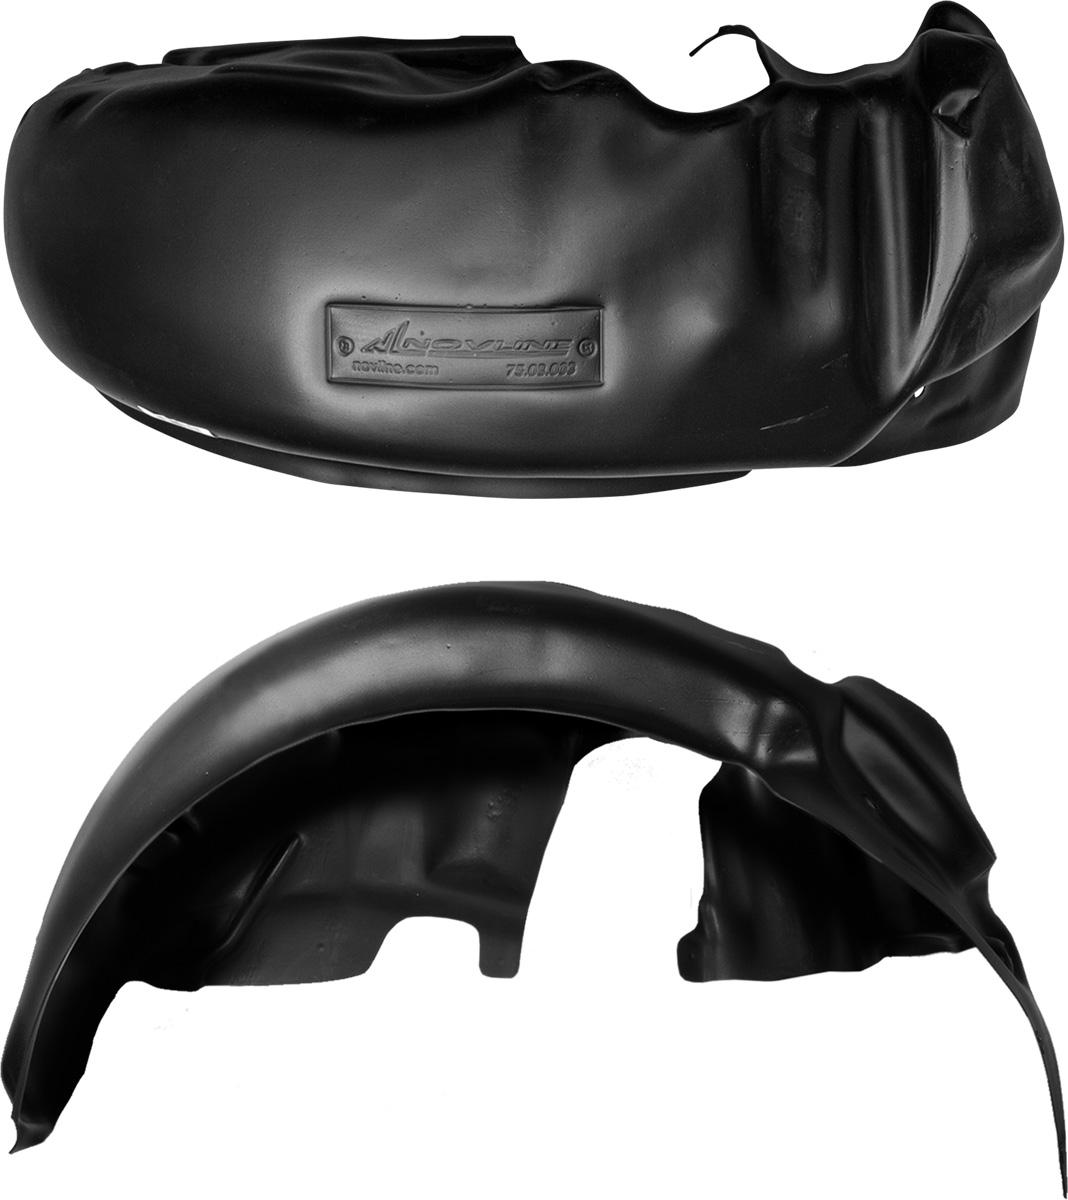 Подкрылок Novline-Autofamily, для Lada Granta, 2011->, задний левыйNLL.52.25.003Колесные ниши - одни из самых уязвимых зон днища вашего автомобиля. Они постоянно подвергаются воздействию со стороны дороги. Лучшая, почти абсолютная защита для них - специально отформованные пластиковые кожухи, которые называются подкрылками. Производятся они как для отечественных моделей автомобилей, так и для иномарок. Подкрылки Novline-Autofamily выполнены из высококачественного, экологически чистого пластика. Обеспечивают надежную защиту кузова автомобиля от пескоструйного эффекта и негативного влияния, агрессивных антигололедных реагентов. Пластик обладает более низкой теплопроводностью, чем металл, поэтому в зимний период эксплуатации использование пластиковых подкрылков позволяет лучше защитить колесные ниши от налипания снега и образования наледи. Оригинальность конструкции подчеркивает элегантность автомобиля, бережно защищает нанесенное на днище кузова антикоррозийное покрытие и позволяет осуществить крепление подкрылков внутри колесной арки практически без дополнительного крепежа и сверления, не нарушая при этом лакокрасочного покрытия, что предотвращает возникновение новых очагов коррозии. Подкрылки долговечны, обладают высокой прочностью и сохраняют заданную форму, а также все свои физико-механические характеристики в самых тяжелых климатических условиях (от -50°С до +50°С).Уважаемые клиенты!Обращаем ваше внимание, на тот факт, что подкрылок имеет форму, соответствующую модели данного автомобиля. Фото служит для визуального восприятия товара.